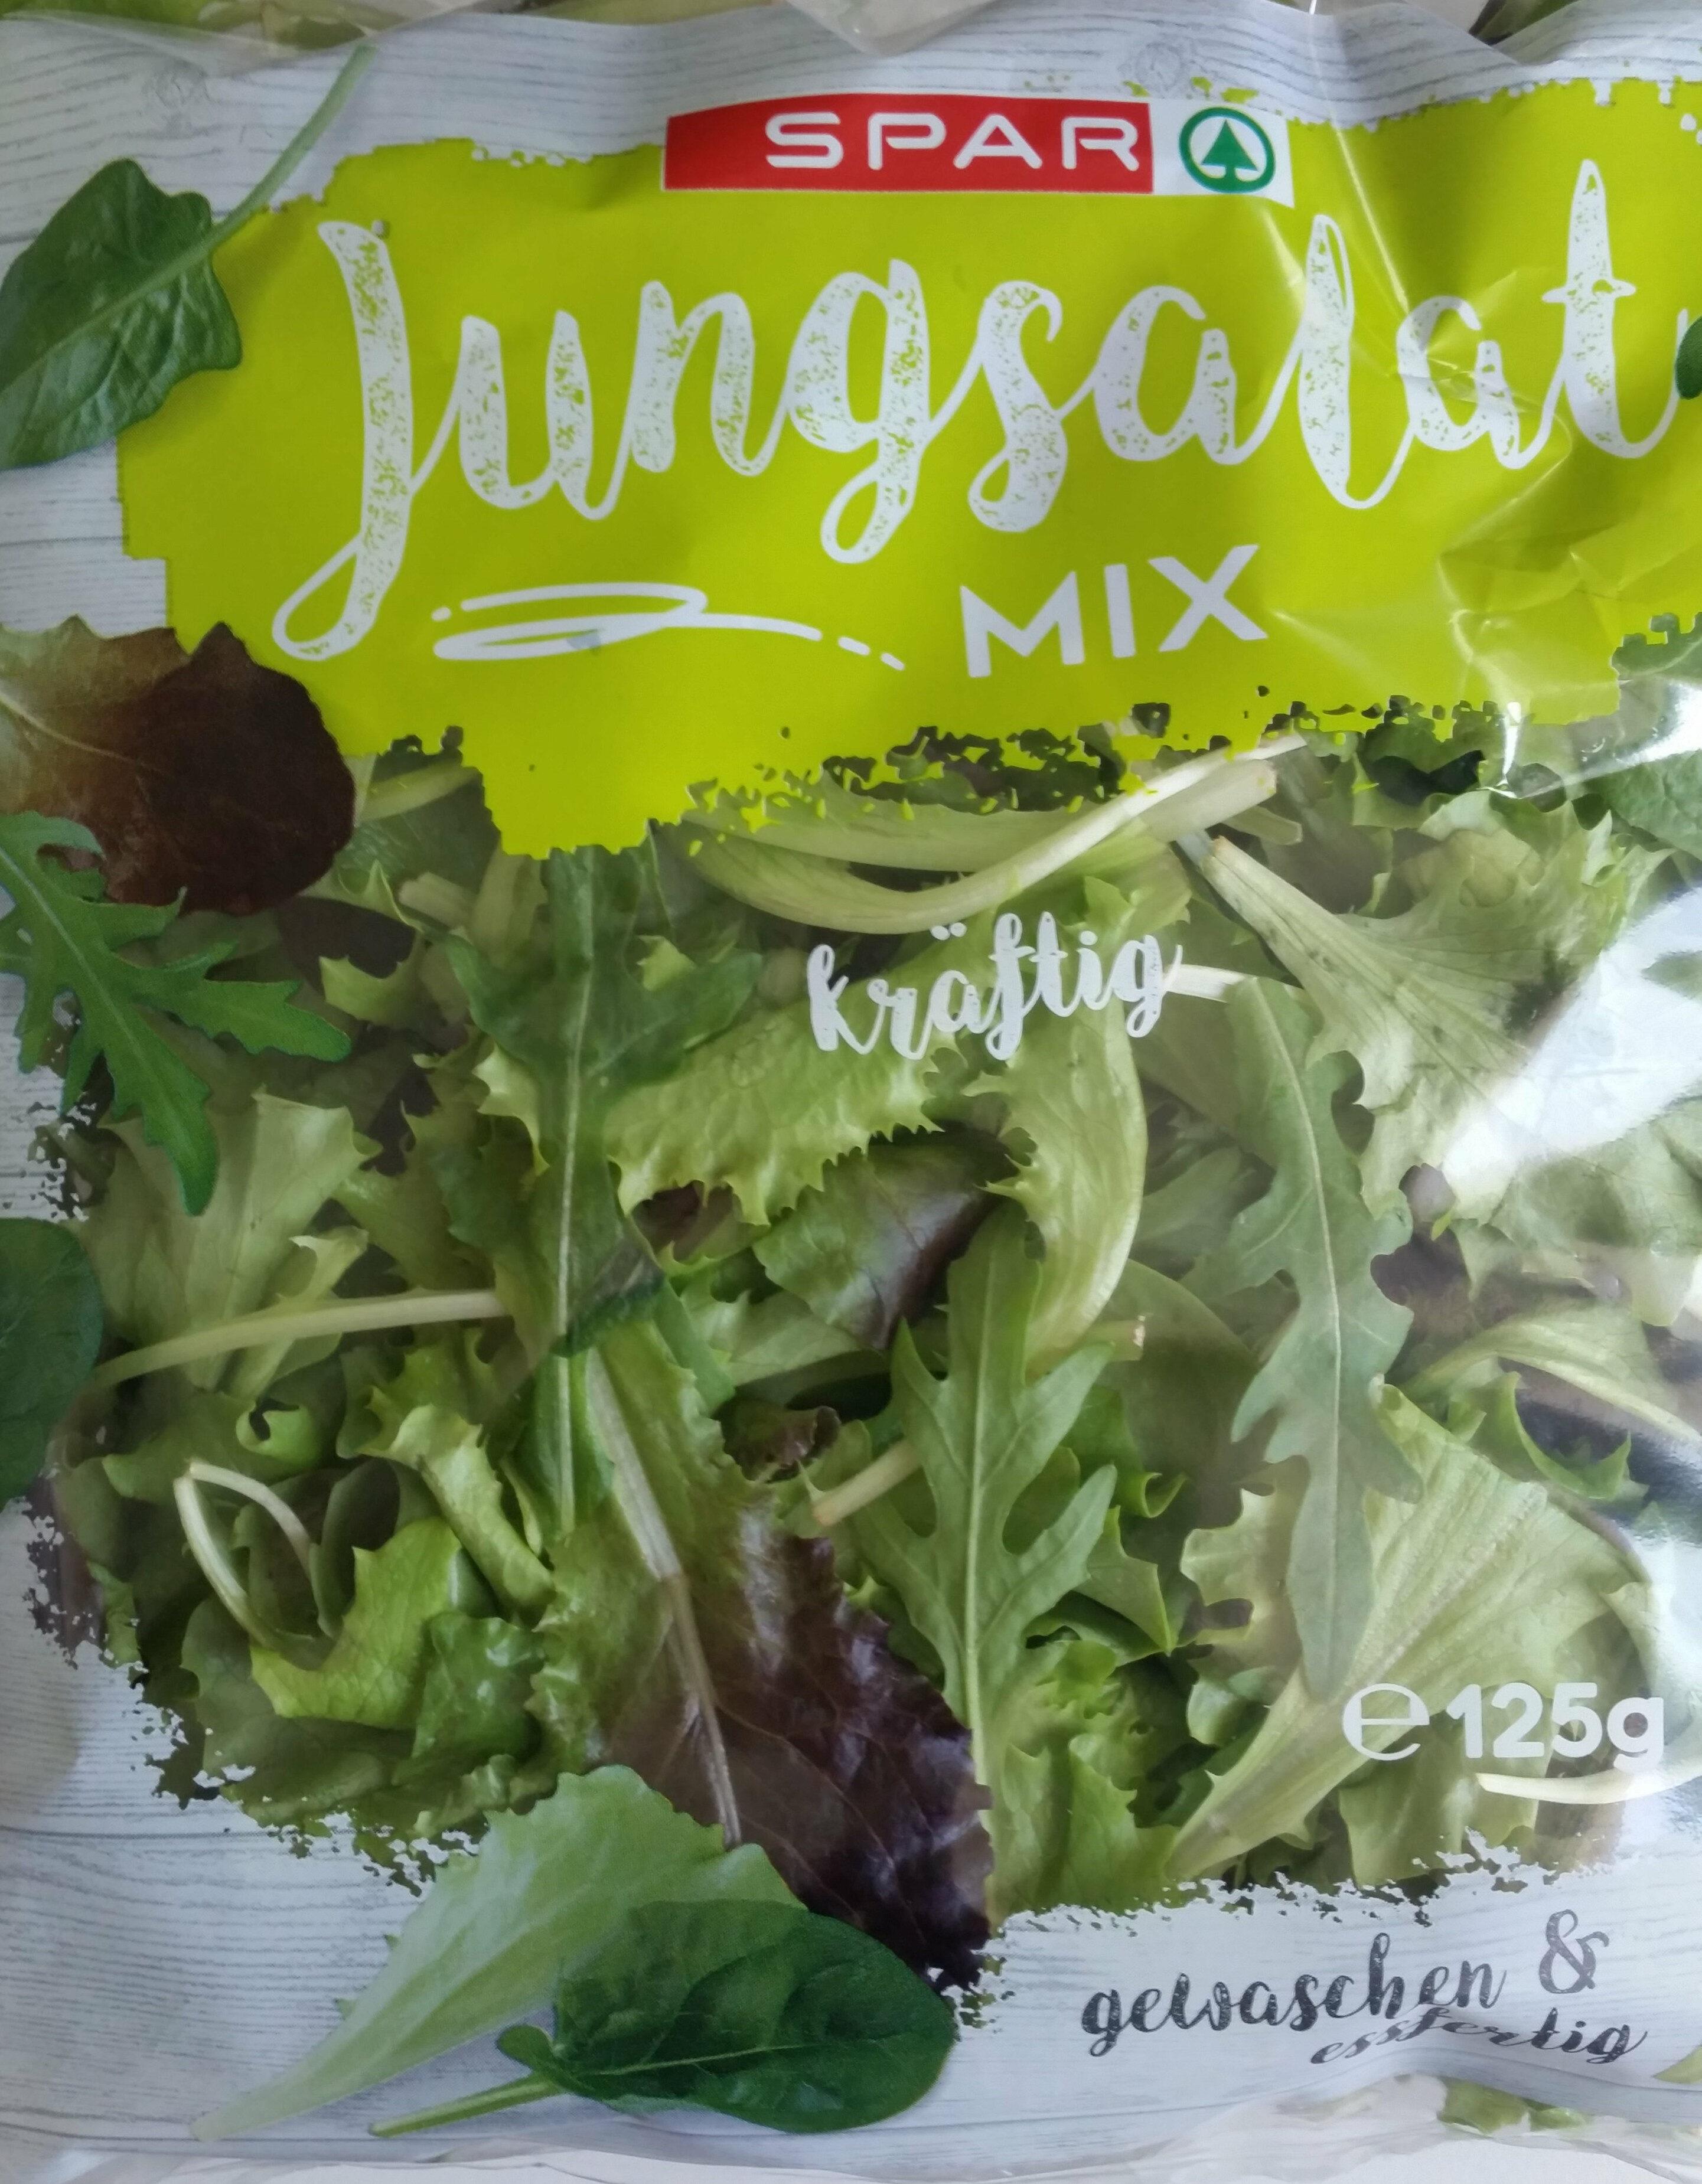 Jungsalat Mix - Product - en